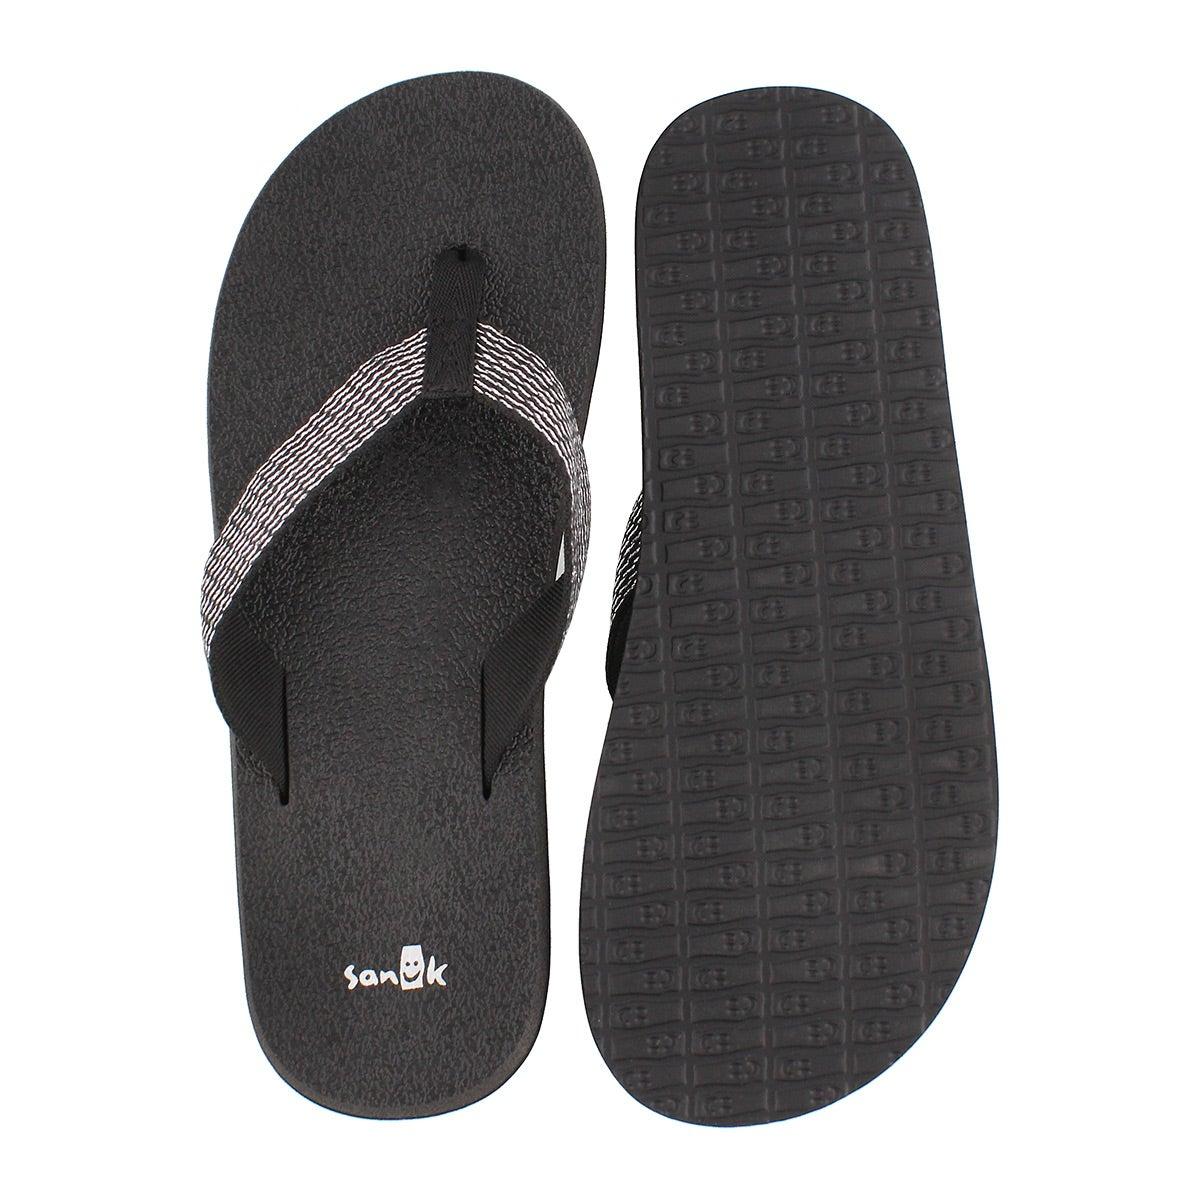 Lds Yoga Mat Web-Bling blk/slv flip flop